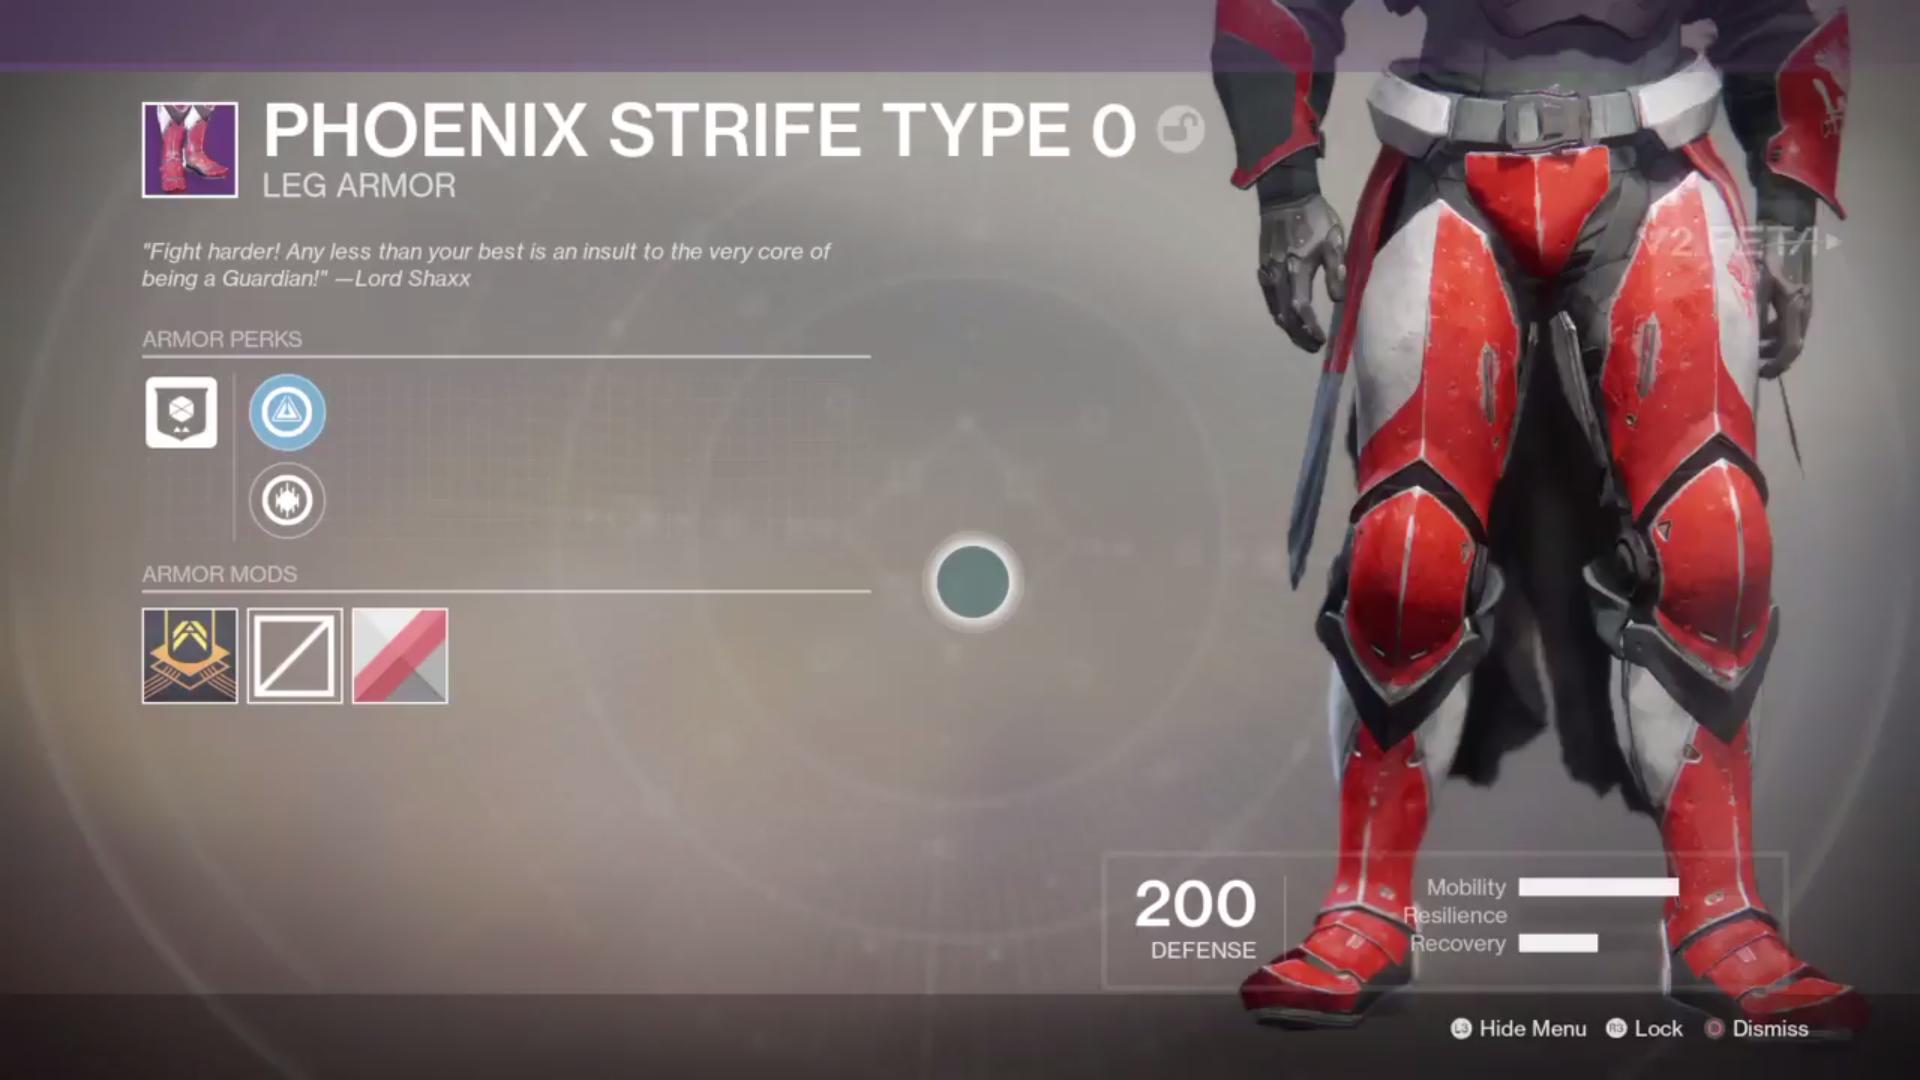 destiny 2 beta phoenix strife type 0 legs